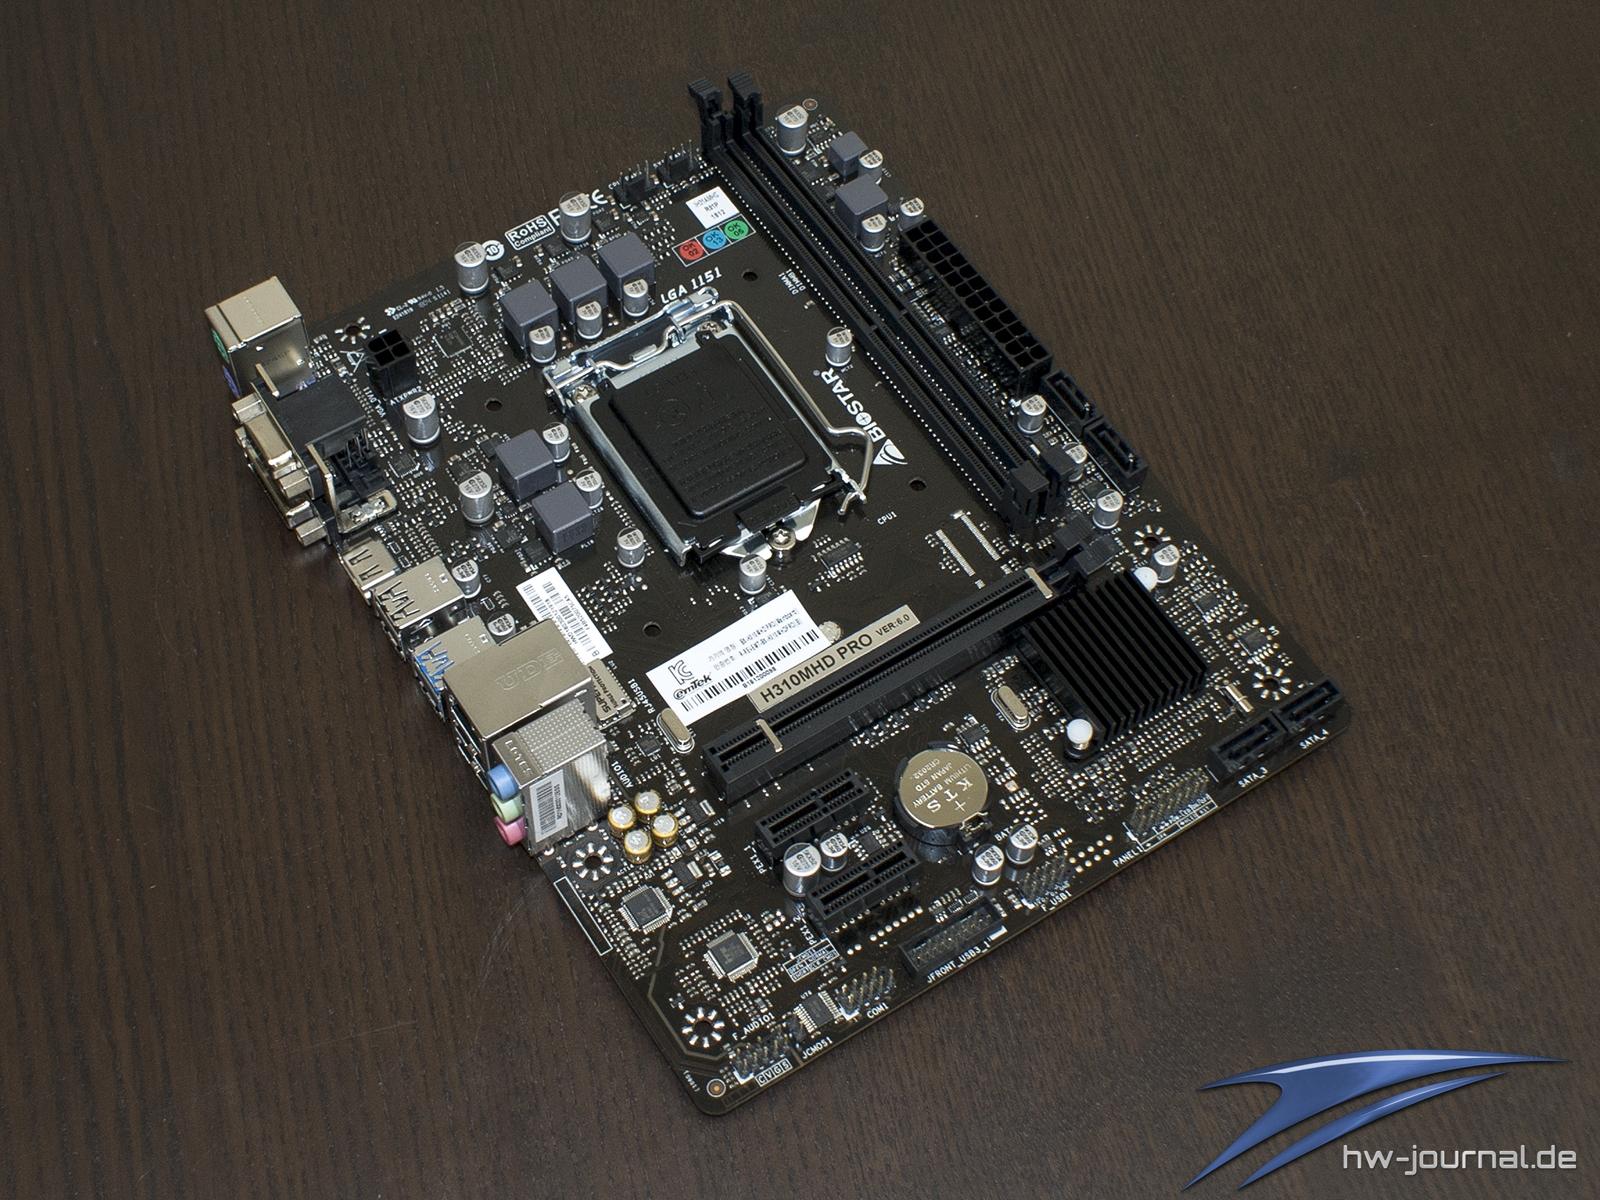 BIOSTAR A760GE 6.X REALTEK LAN DRIVER WINDOWS XP